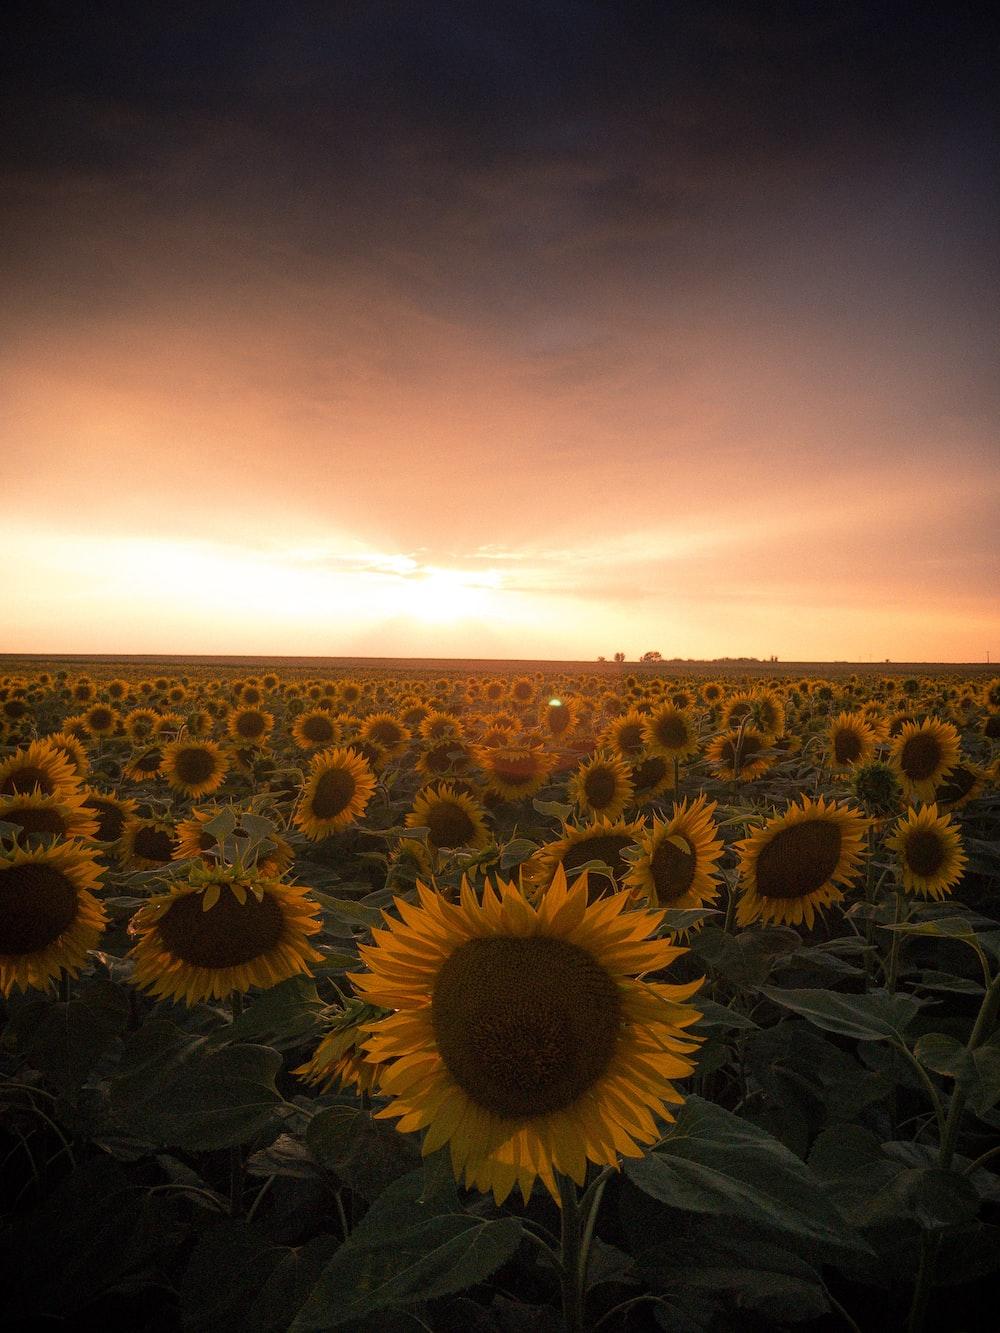 sunflower field under orange sky